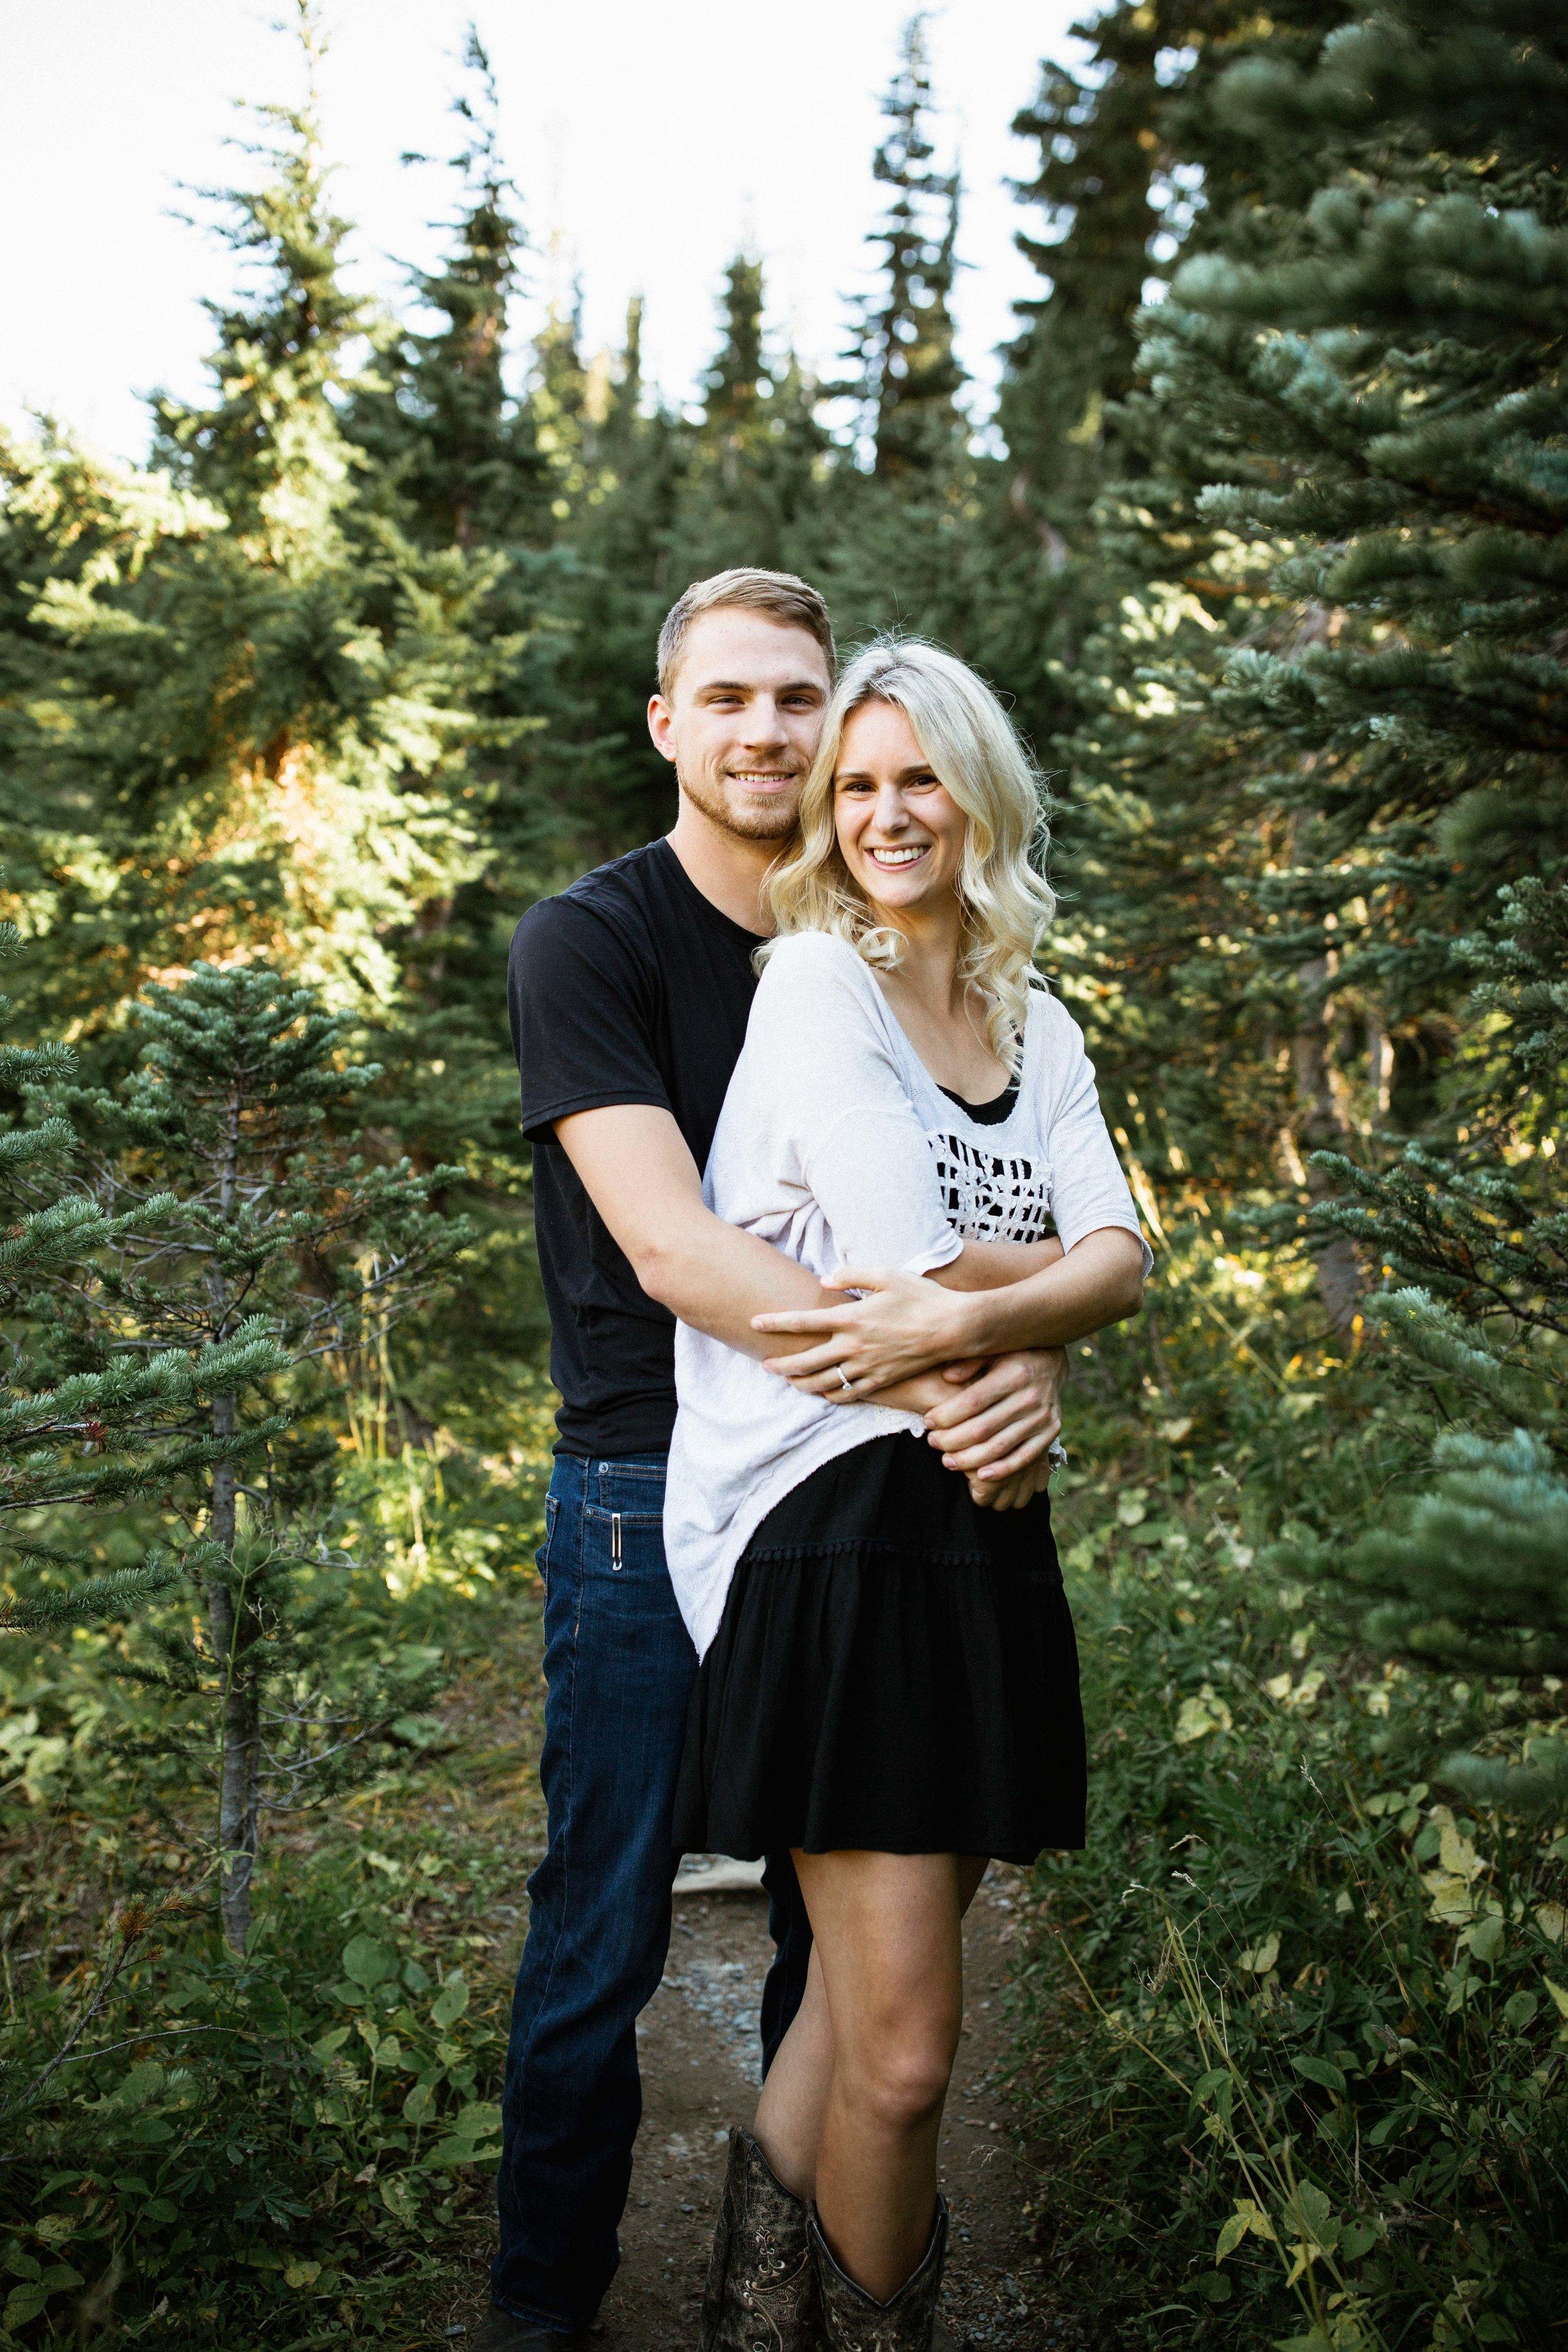 Alexis&Kyle-Engaged!BLOG-15.jpg